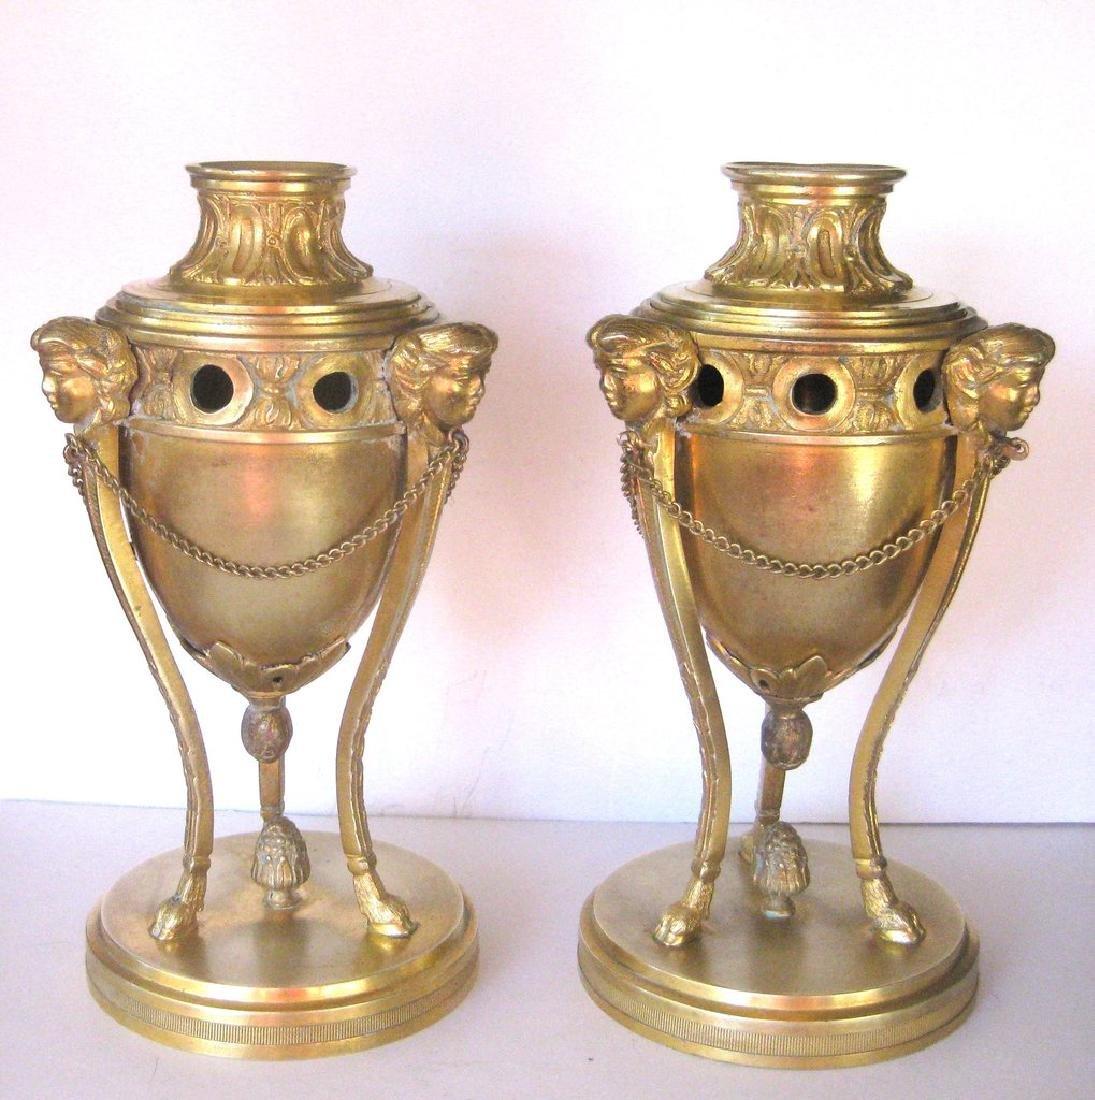 Pair of 18th Century Louis XVI Bronze Dore Cassolettes - 2